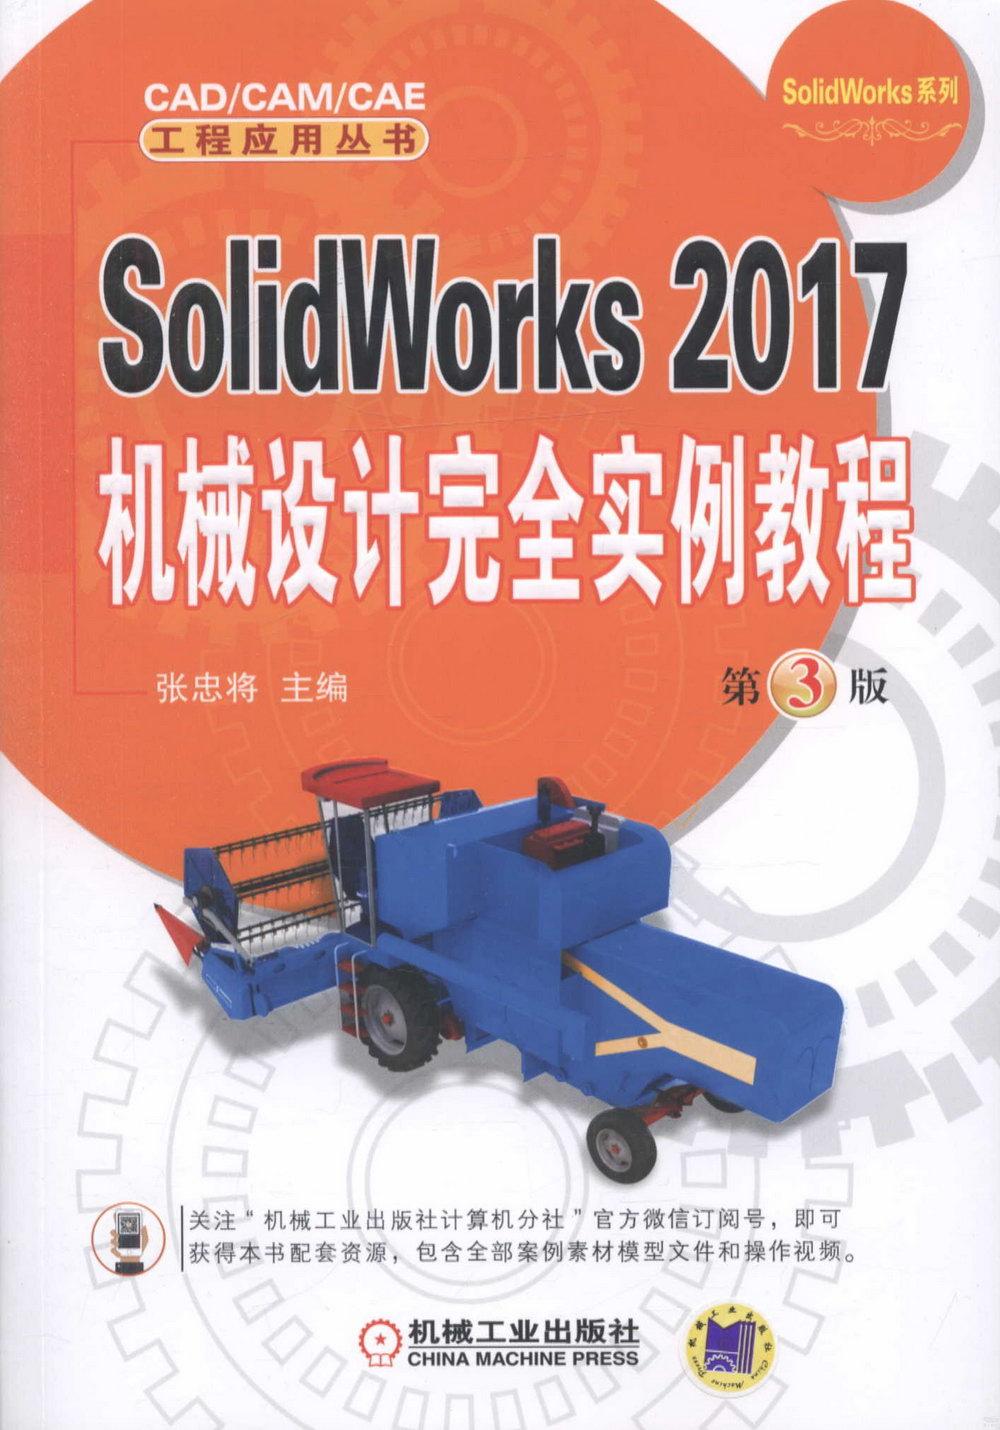 SolidWorks 2017機械設計完全實例教程(第3版)